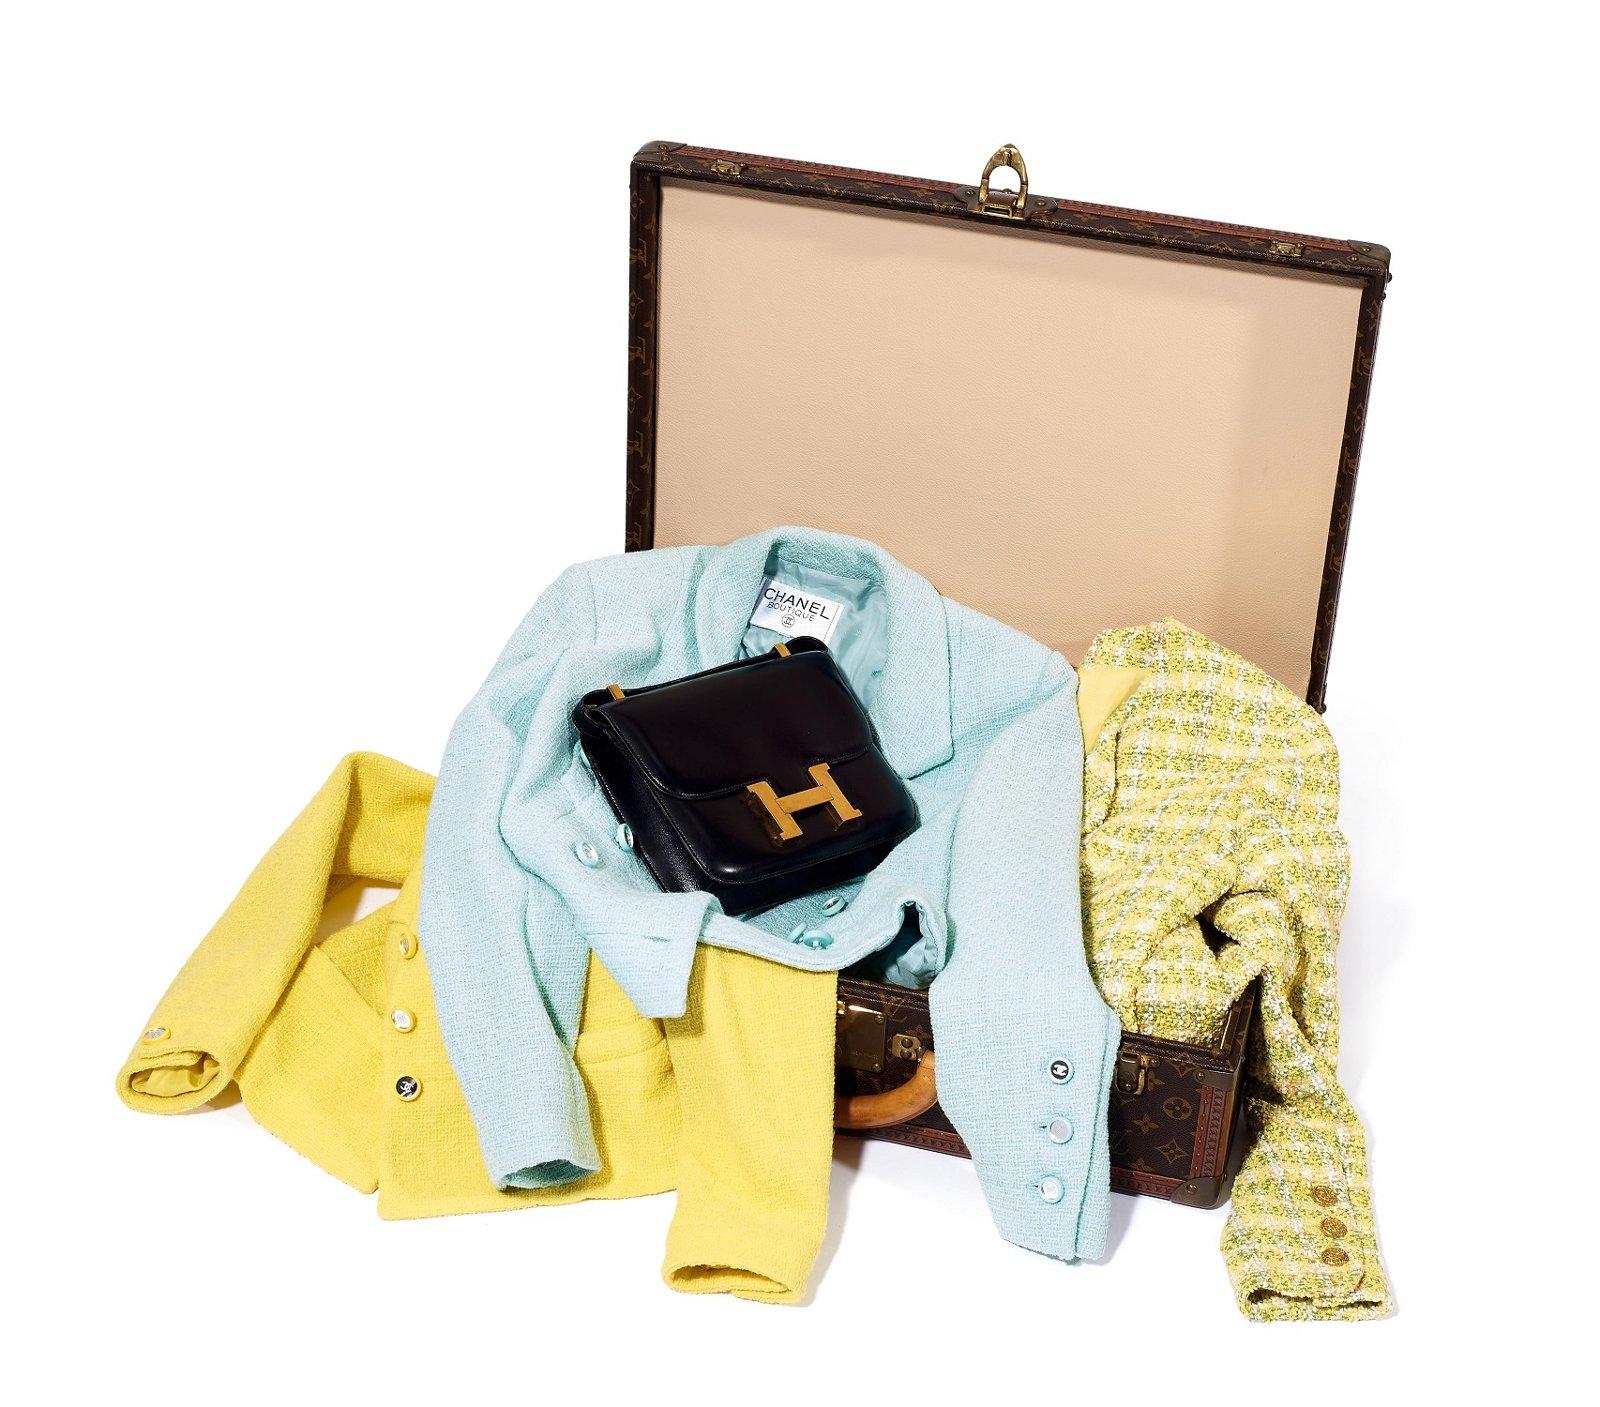 Chanel Tweedjacken, Hermès Tasche Sac Constance und Louis Vuitton Koffer Alzer